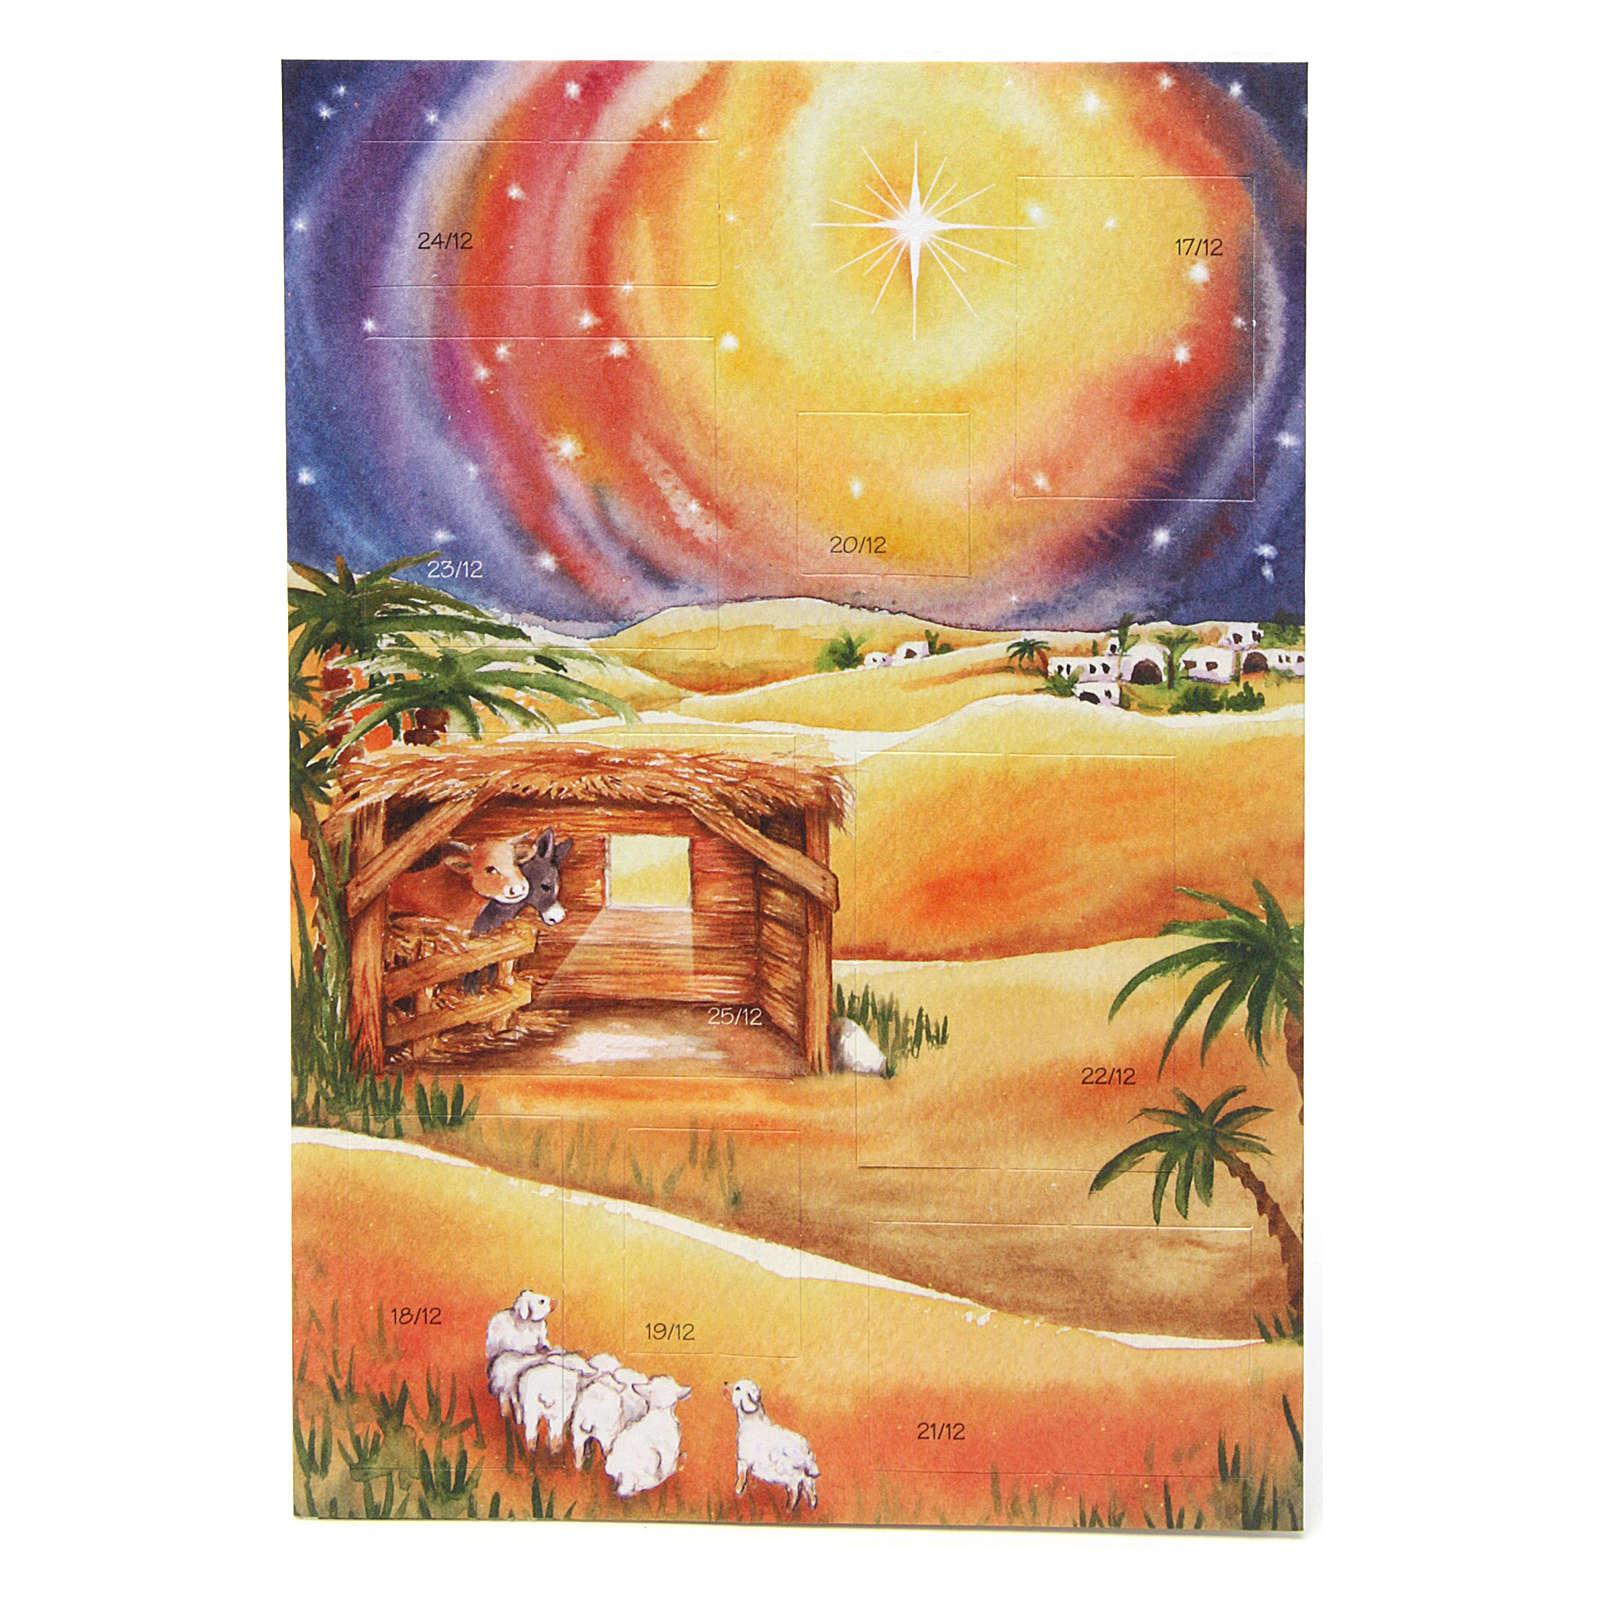 Tarjeta frase de felicitaciones con calendario Novena de Navidad 4